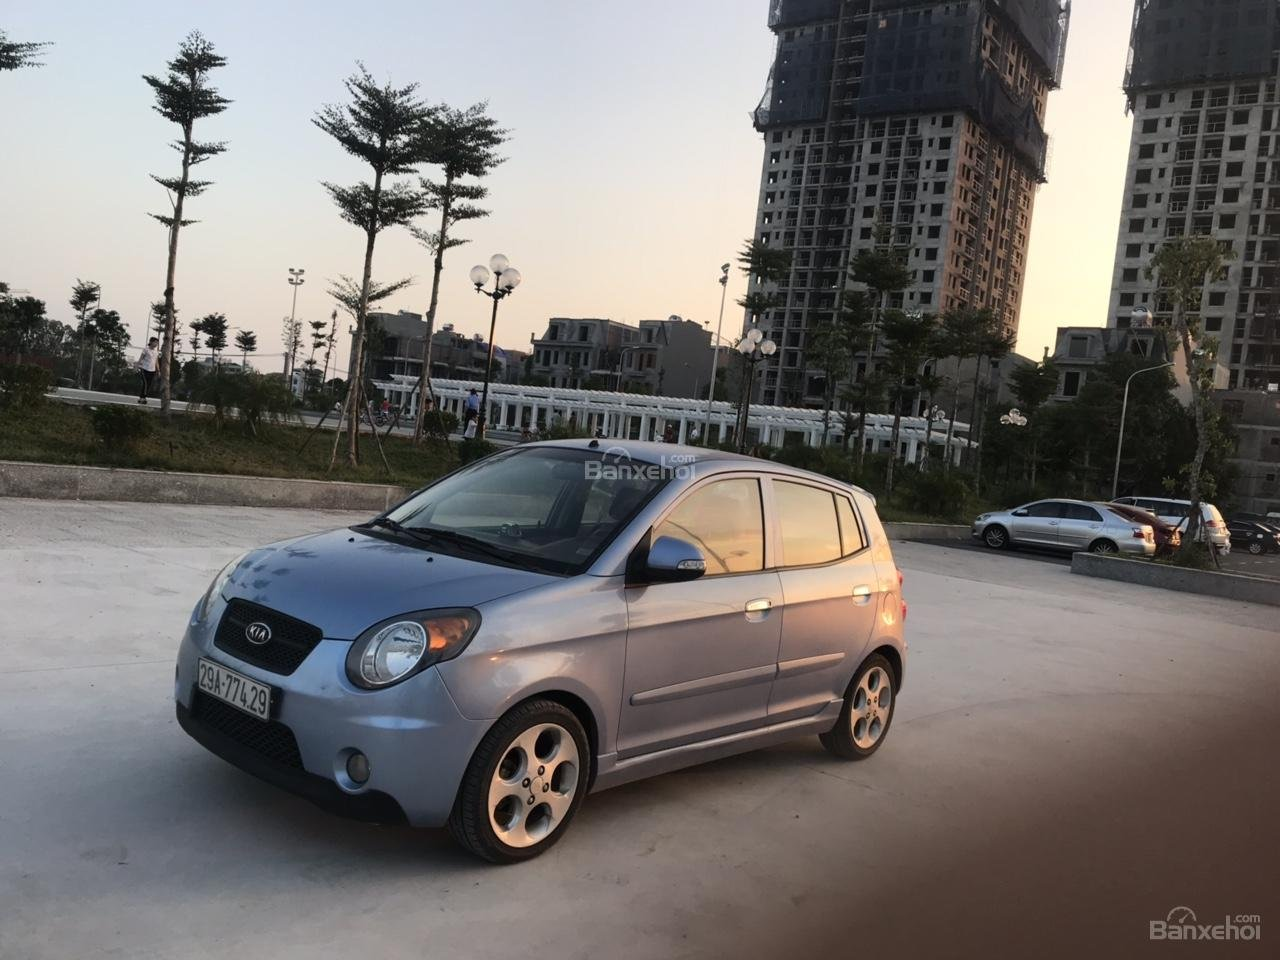 Bán Kia Morning 2008, màu xanh, nhập khẩu, chính chủ giá tốt - Mr Quân 094 711 6996-1